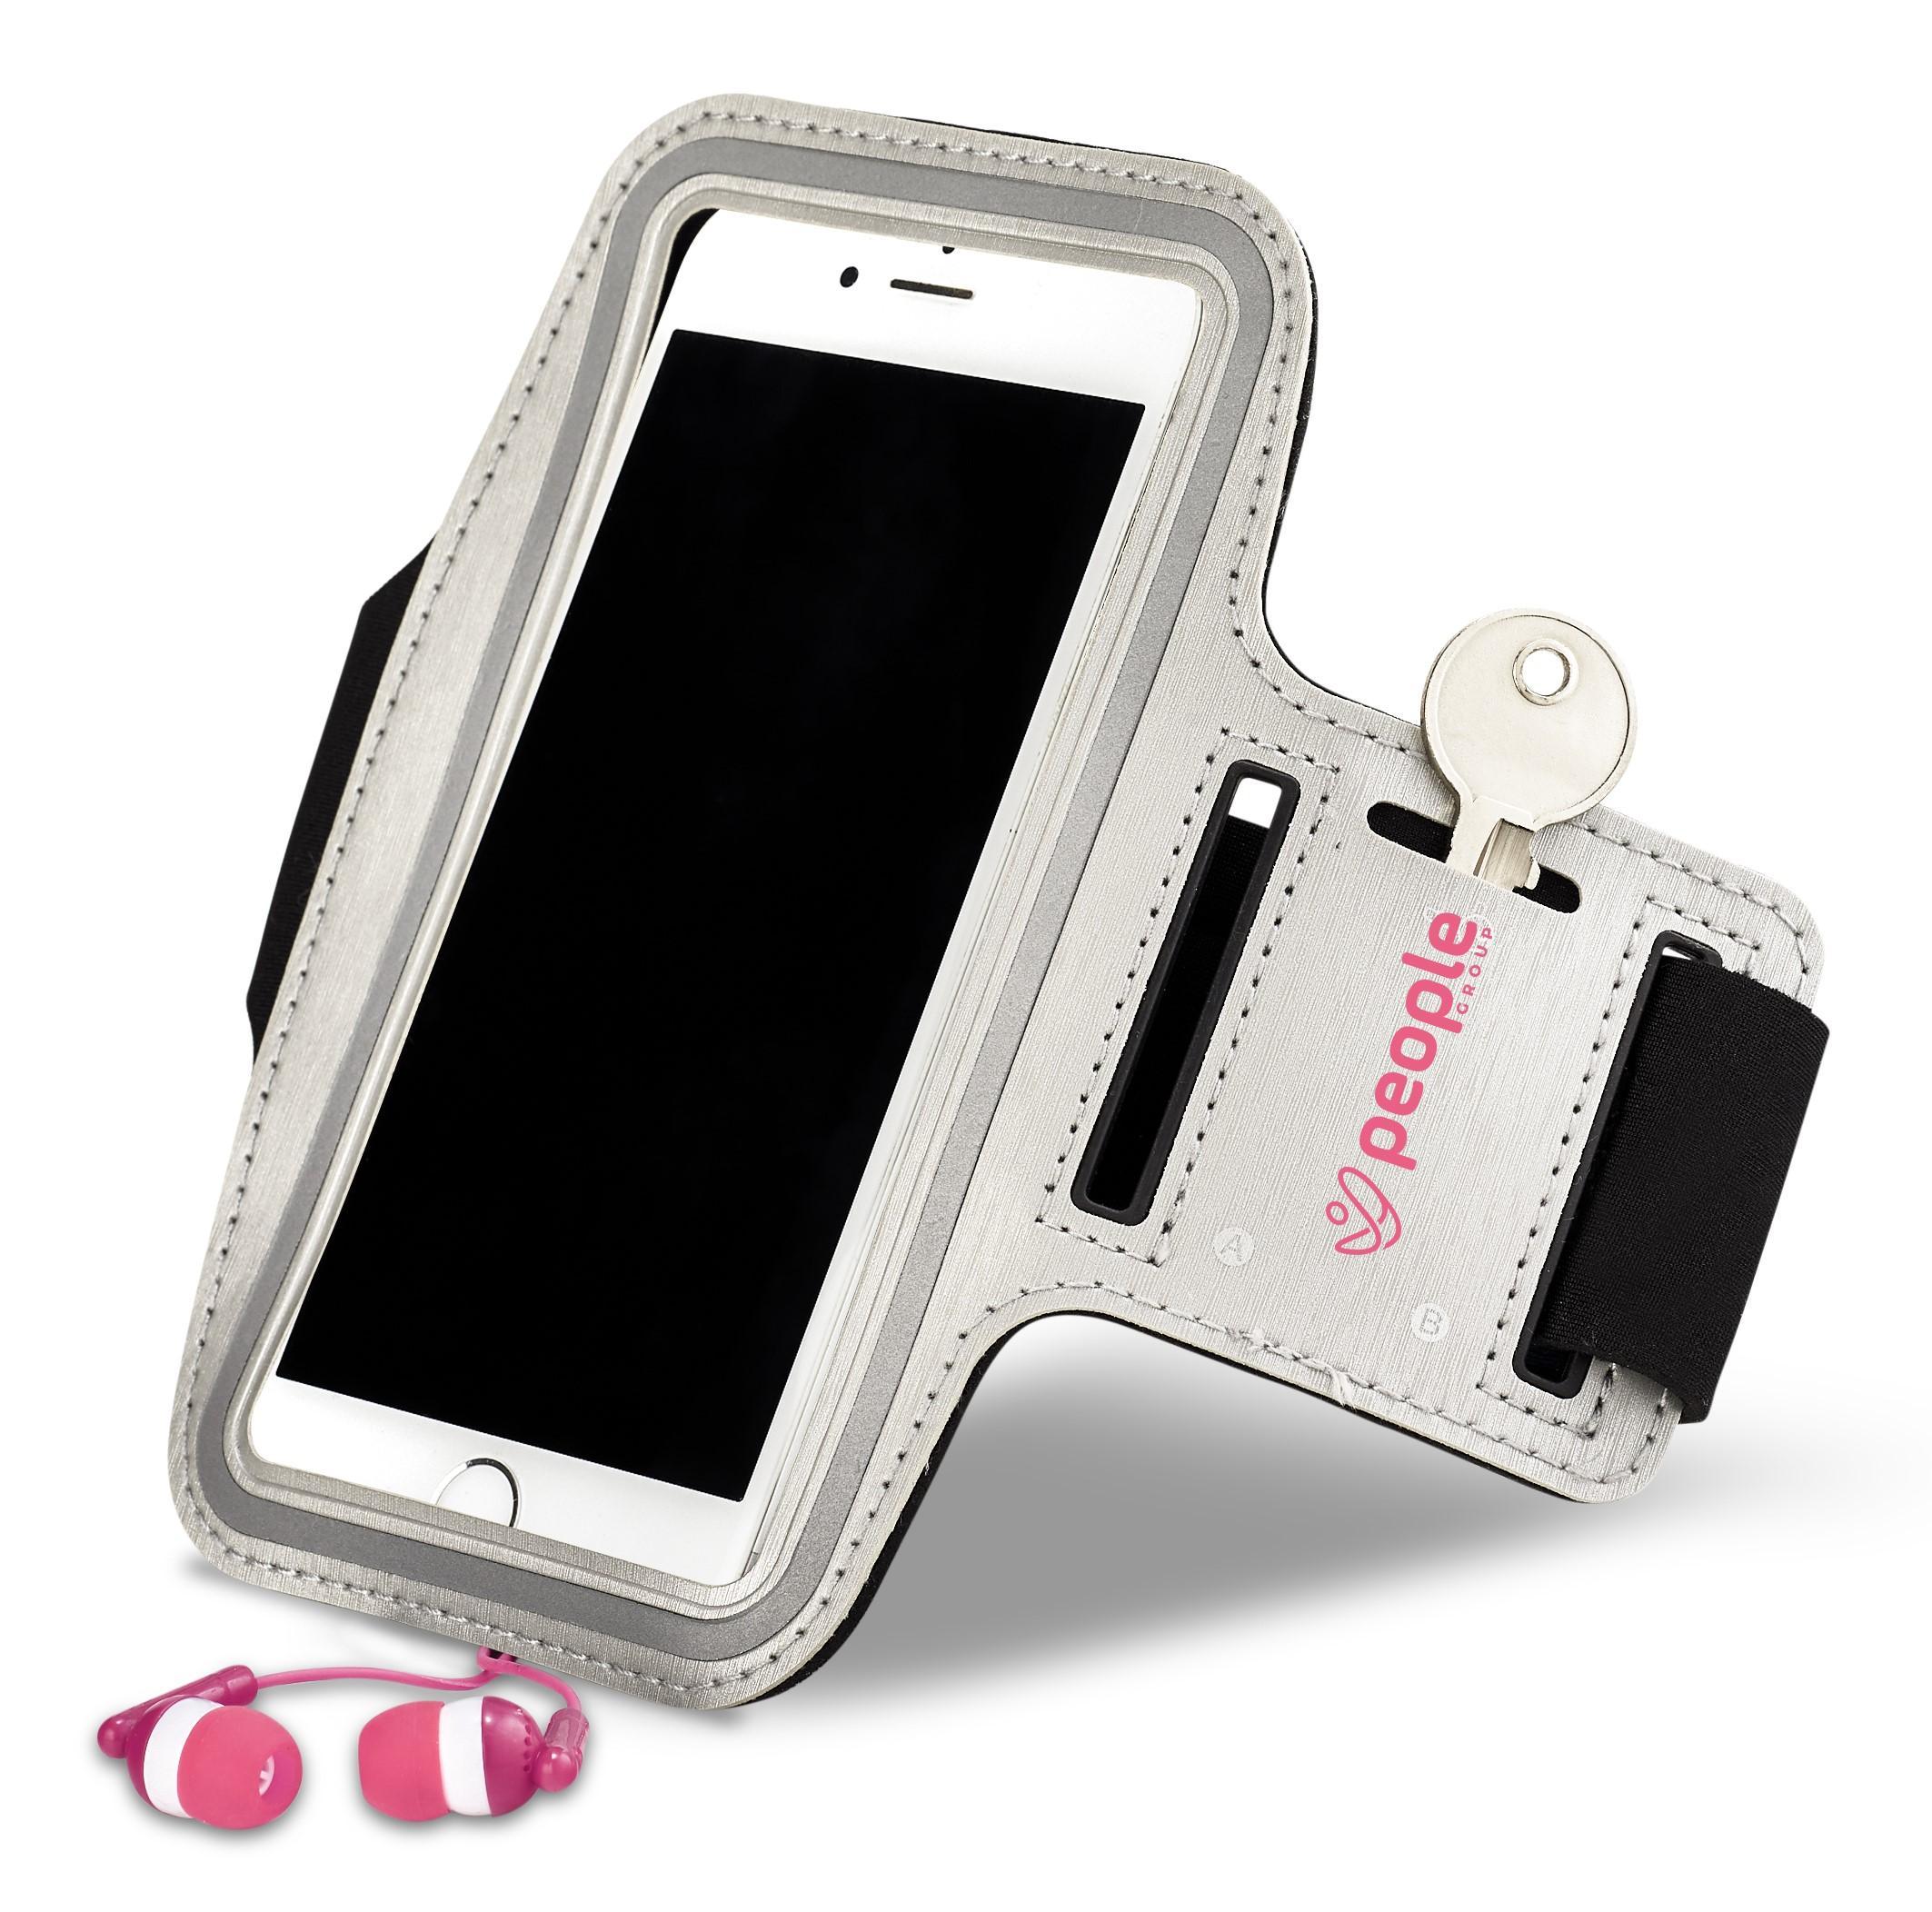 Kickstarter Running Kit - Pink Only